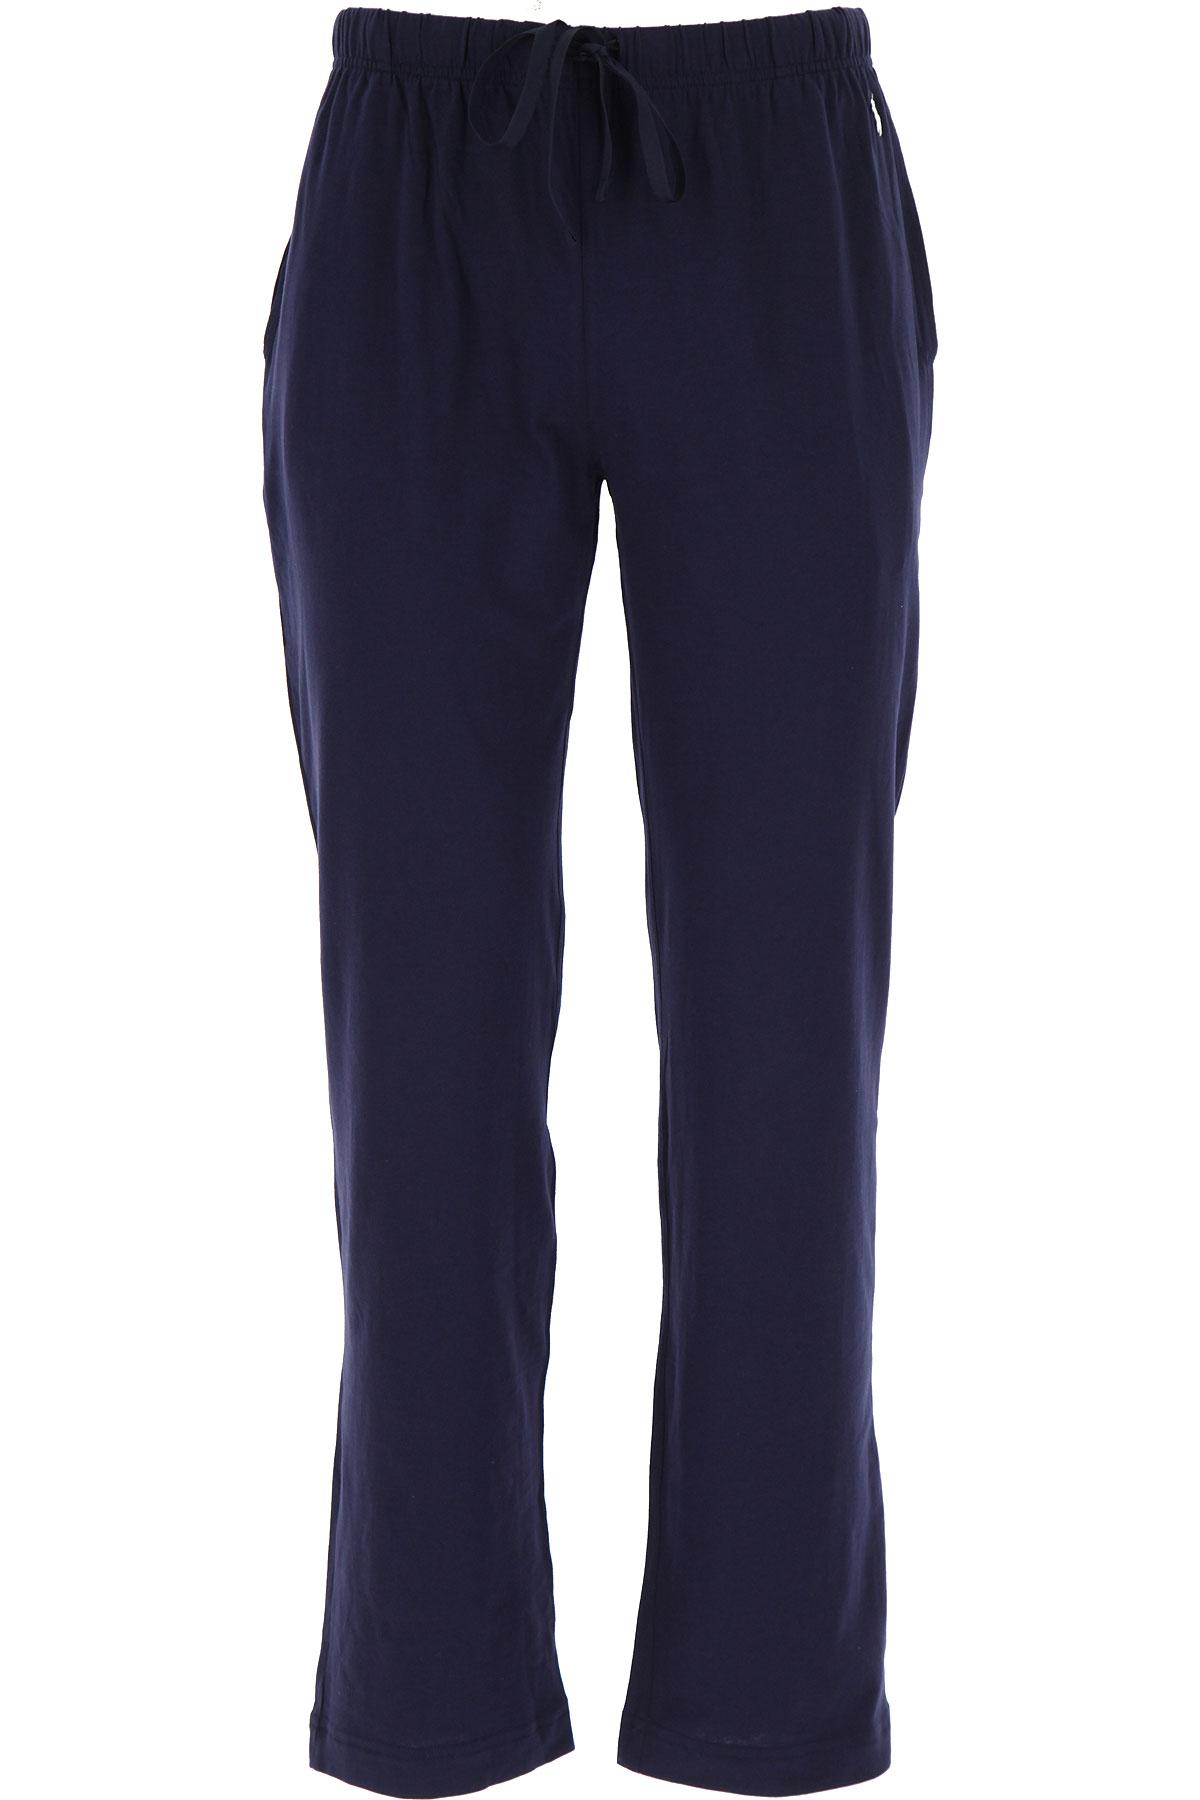 Ralph Lauren Loungewear for Men On Sale, Blue Navy, Cotton, 2019, S (EU 46) XL (EU 52)